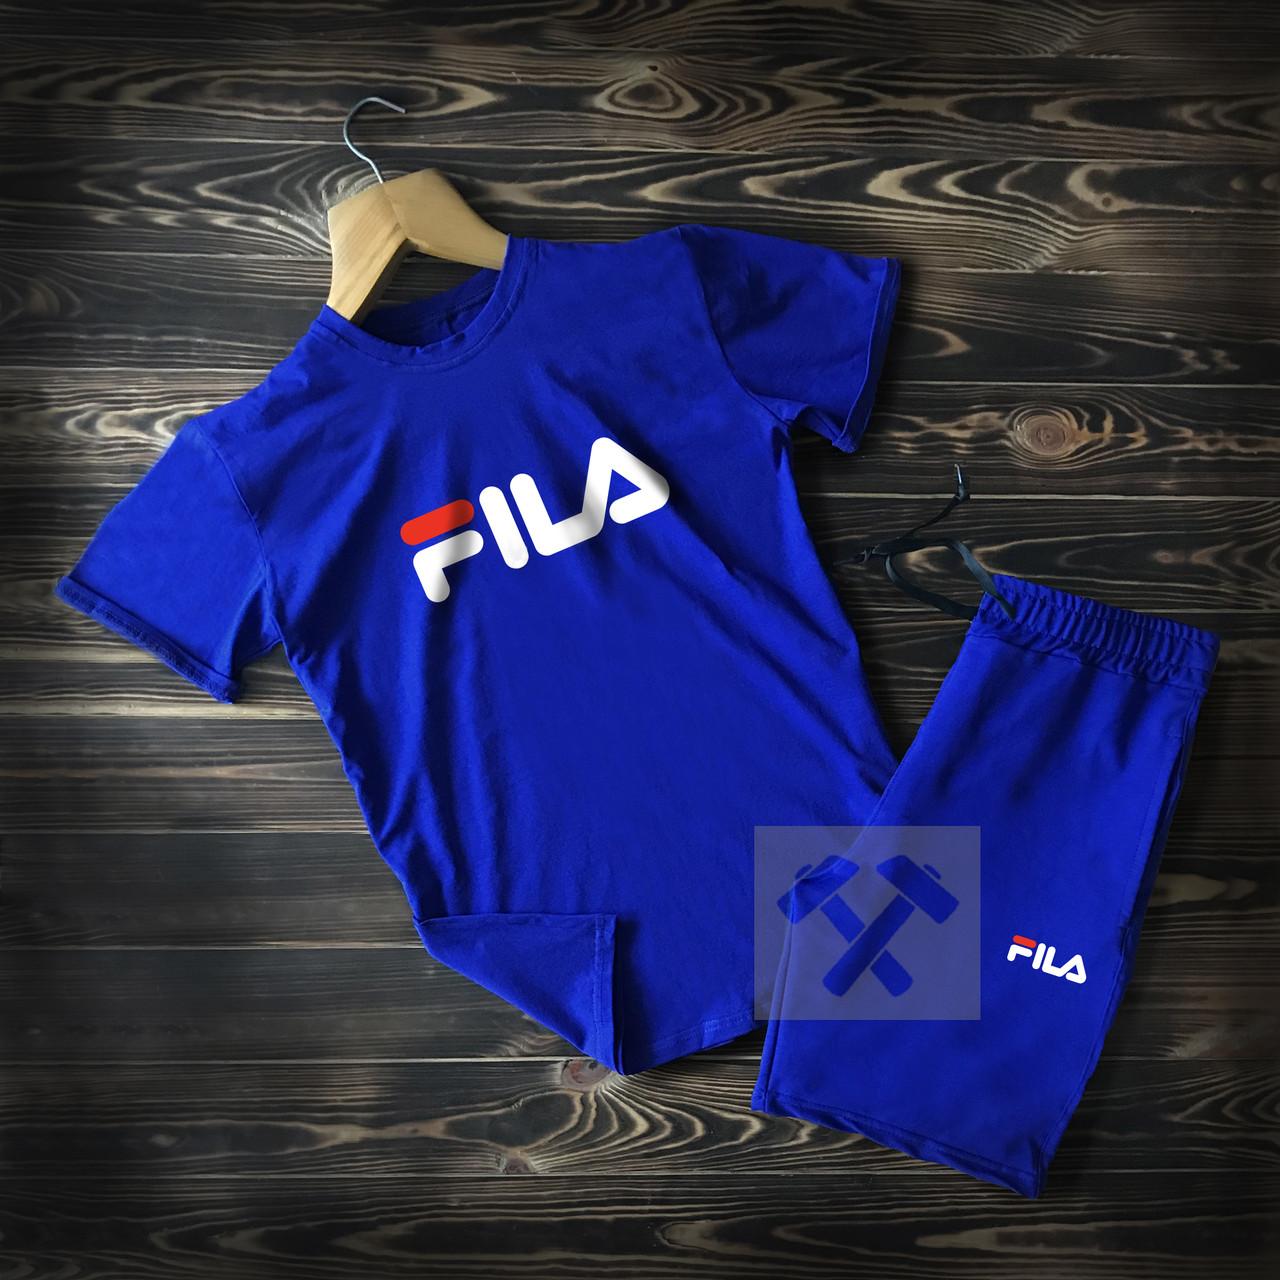 Летний мужской спортивный костюм Fila синего цвета  (шорты и футболка Фила синего цвета)